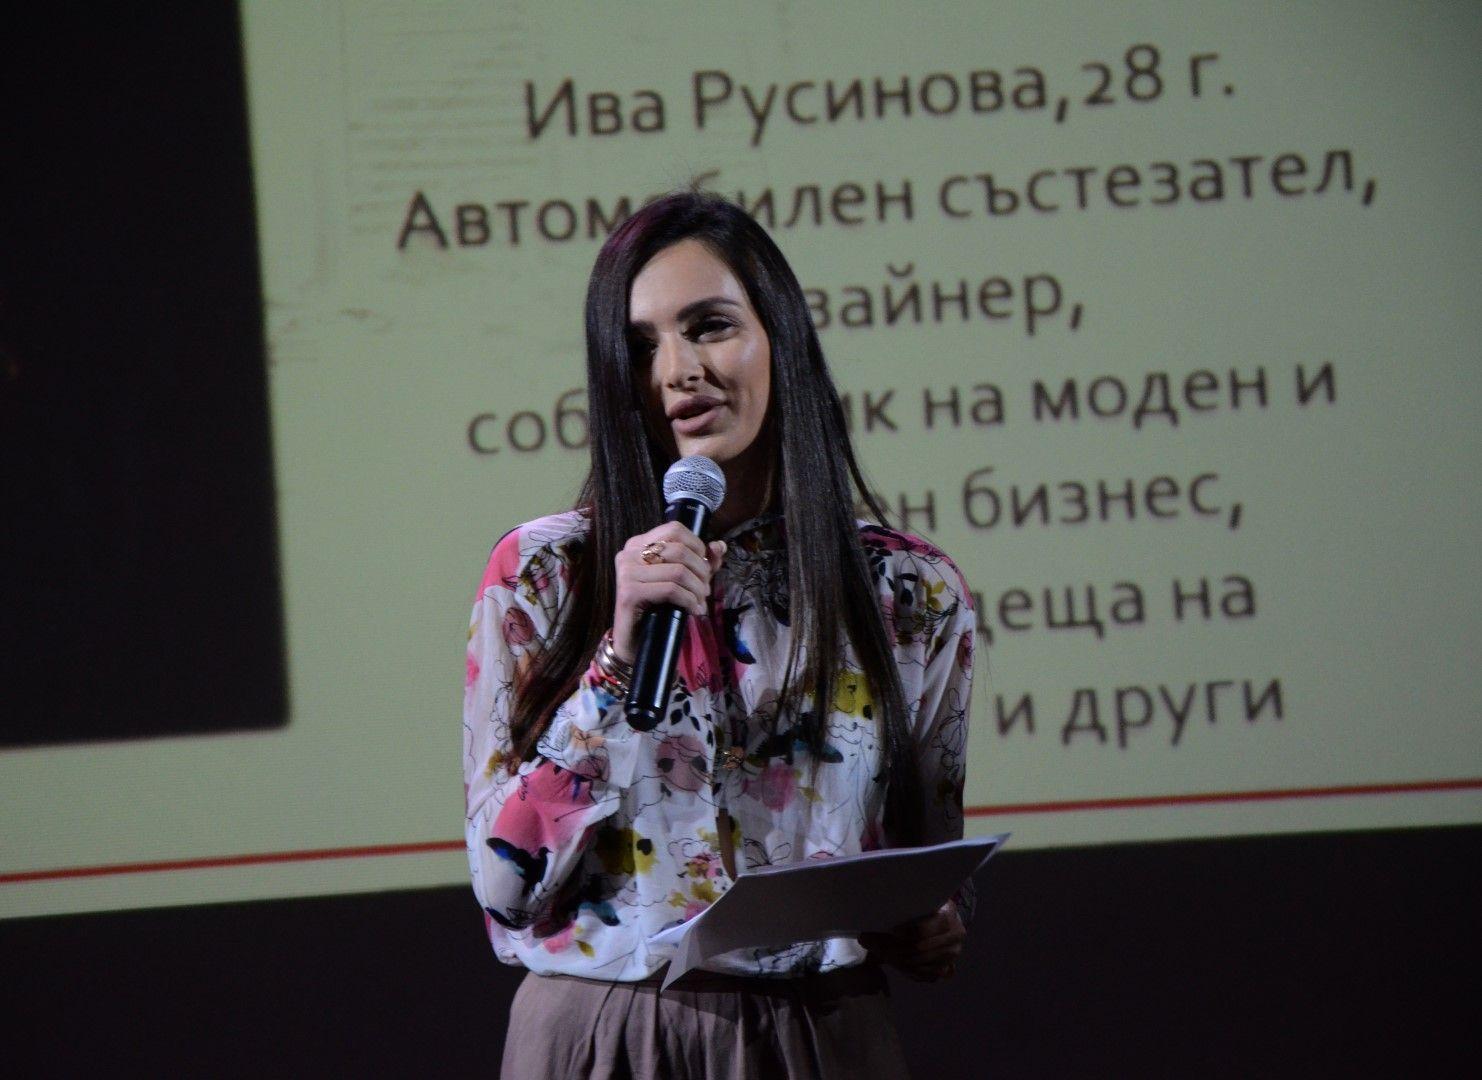 Ива Русинова